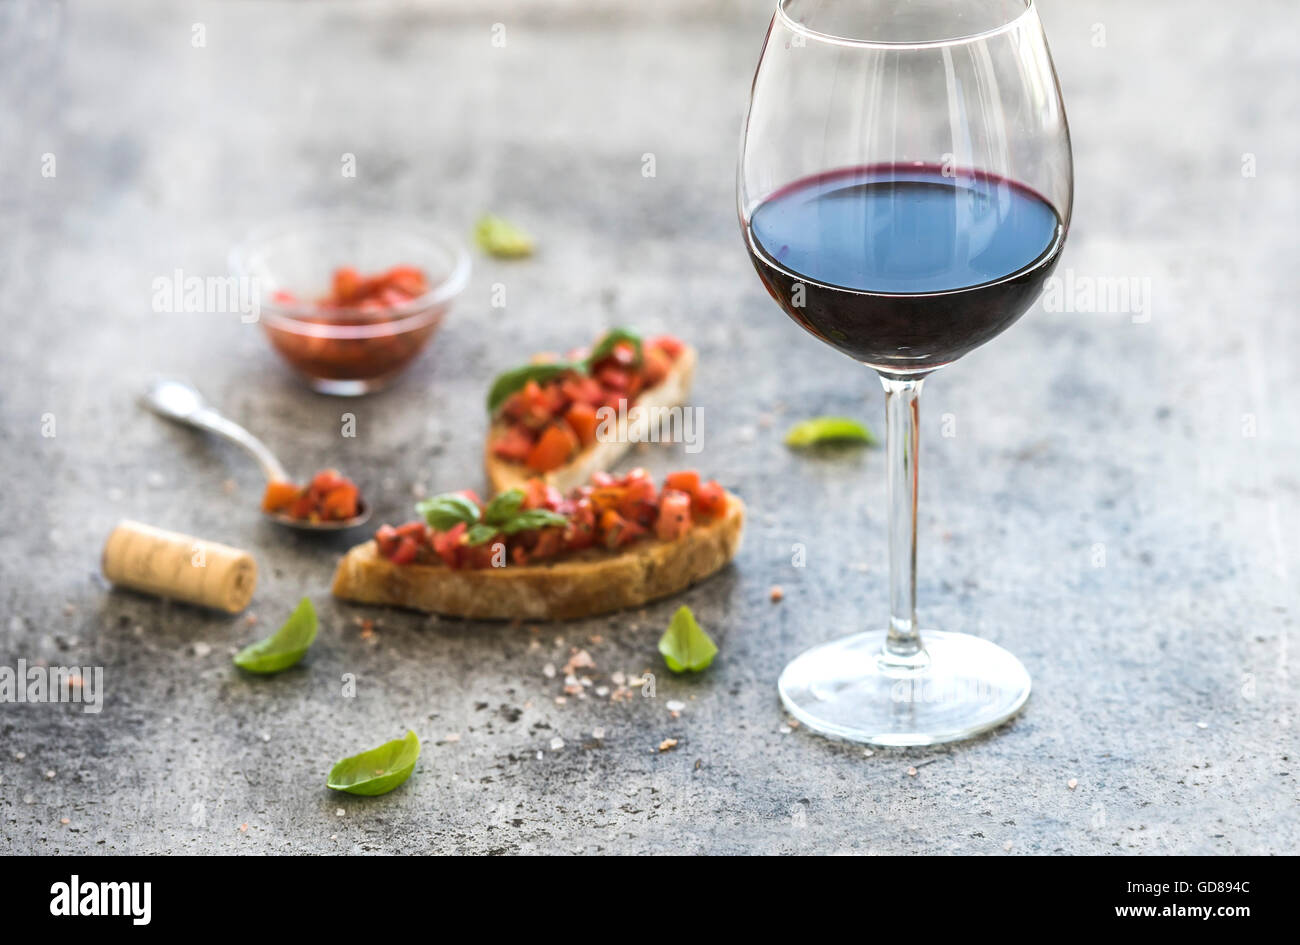 Glas Rotwein und Kanapees mit Tomaten und Basilikum, Tiefenschärfe, horizontale Komposition Stockbild